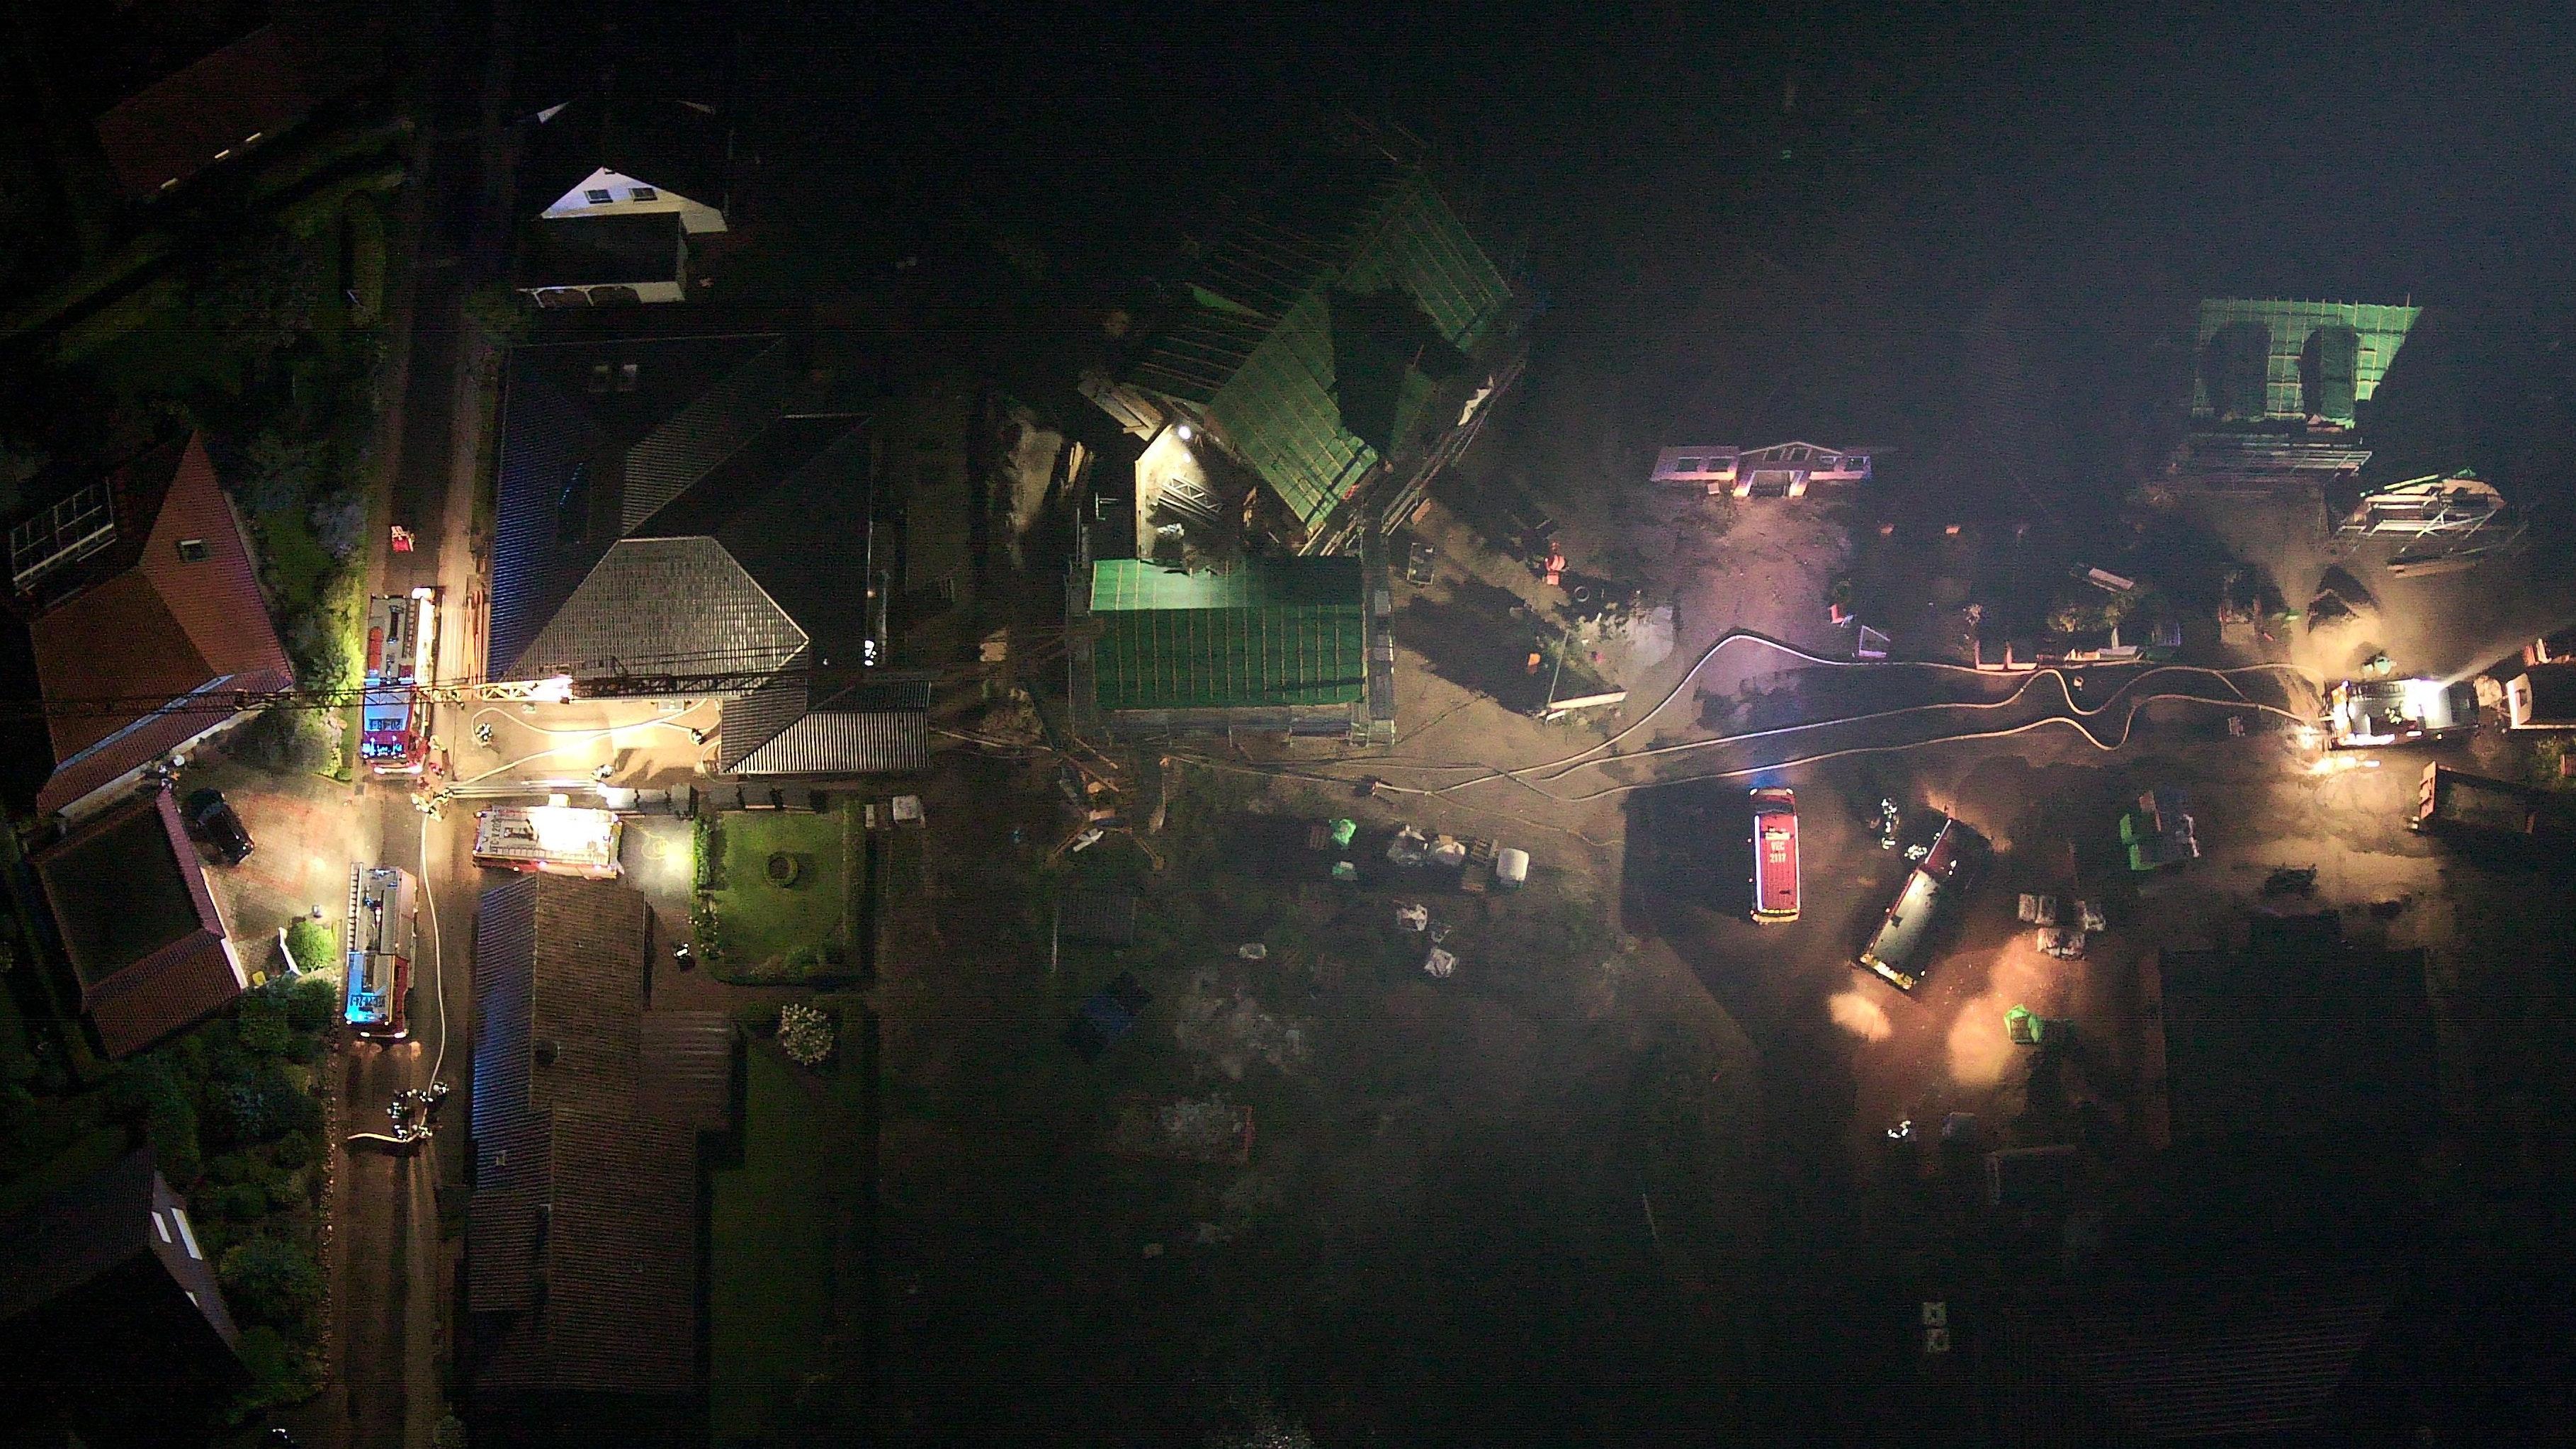 Das Einsatzgeschehen in Bakum aus der Luft: Gut zu sehen sind die verlegten Schläuche und Einsatzfahrzeuge. Foto: Drohnengruppe Feuerwehr